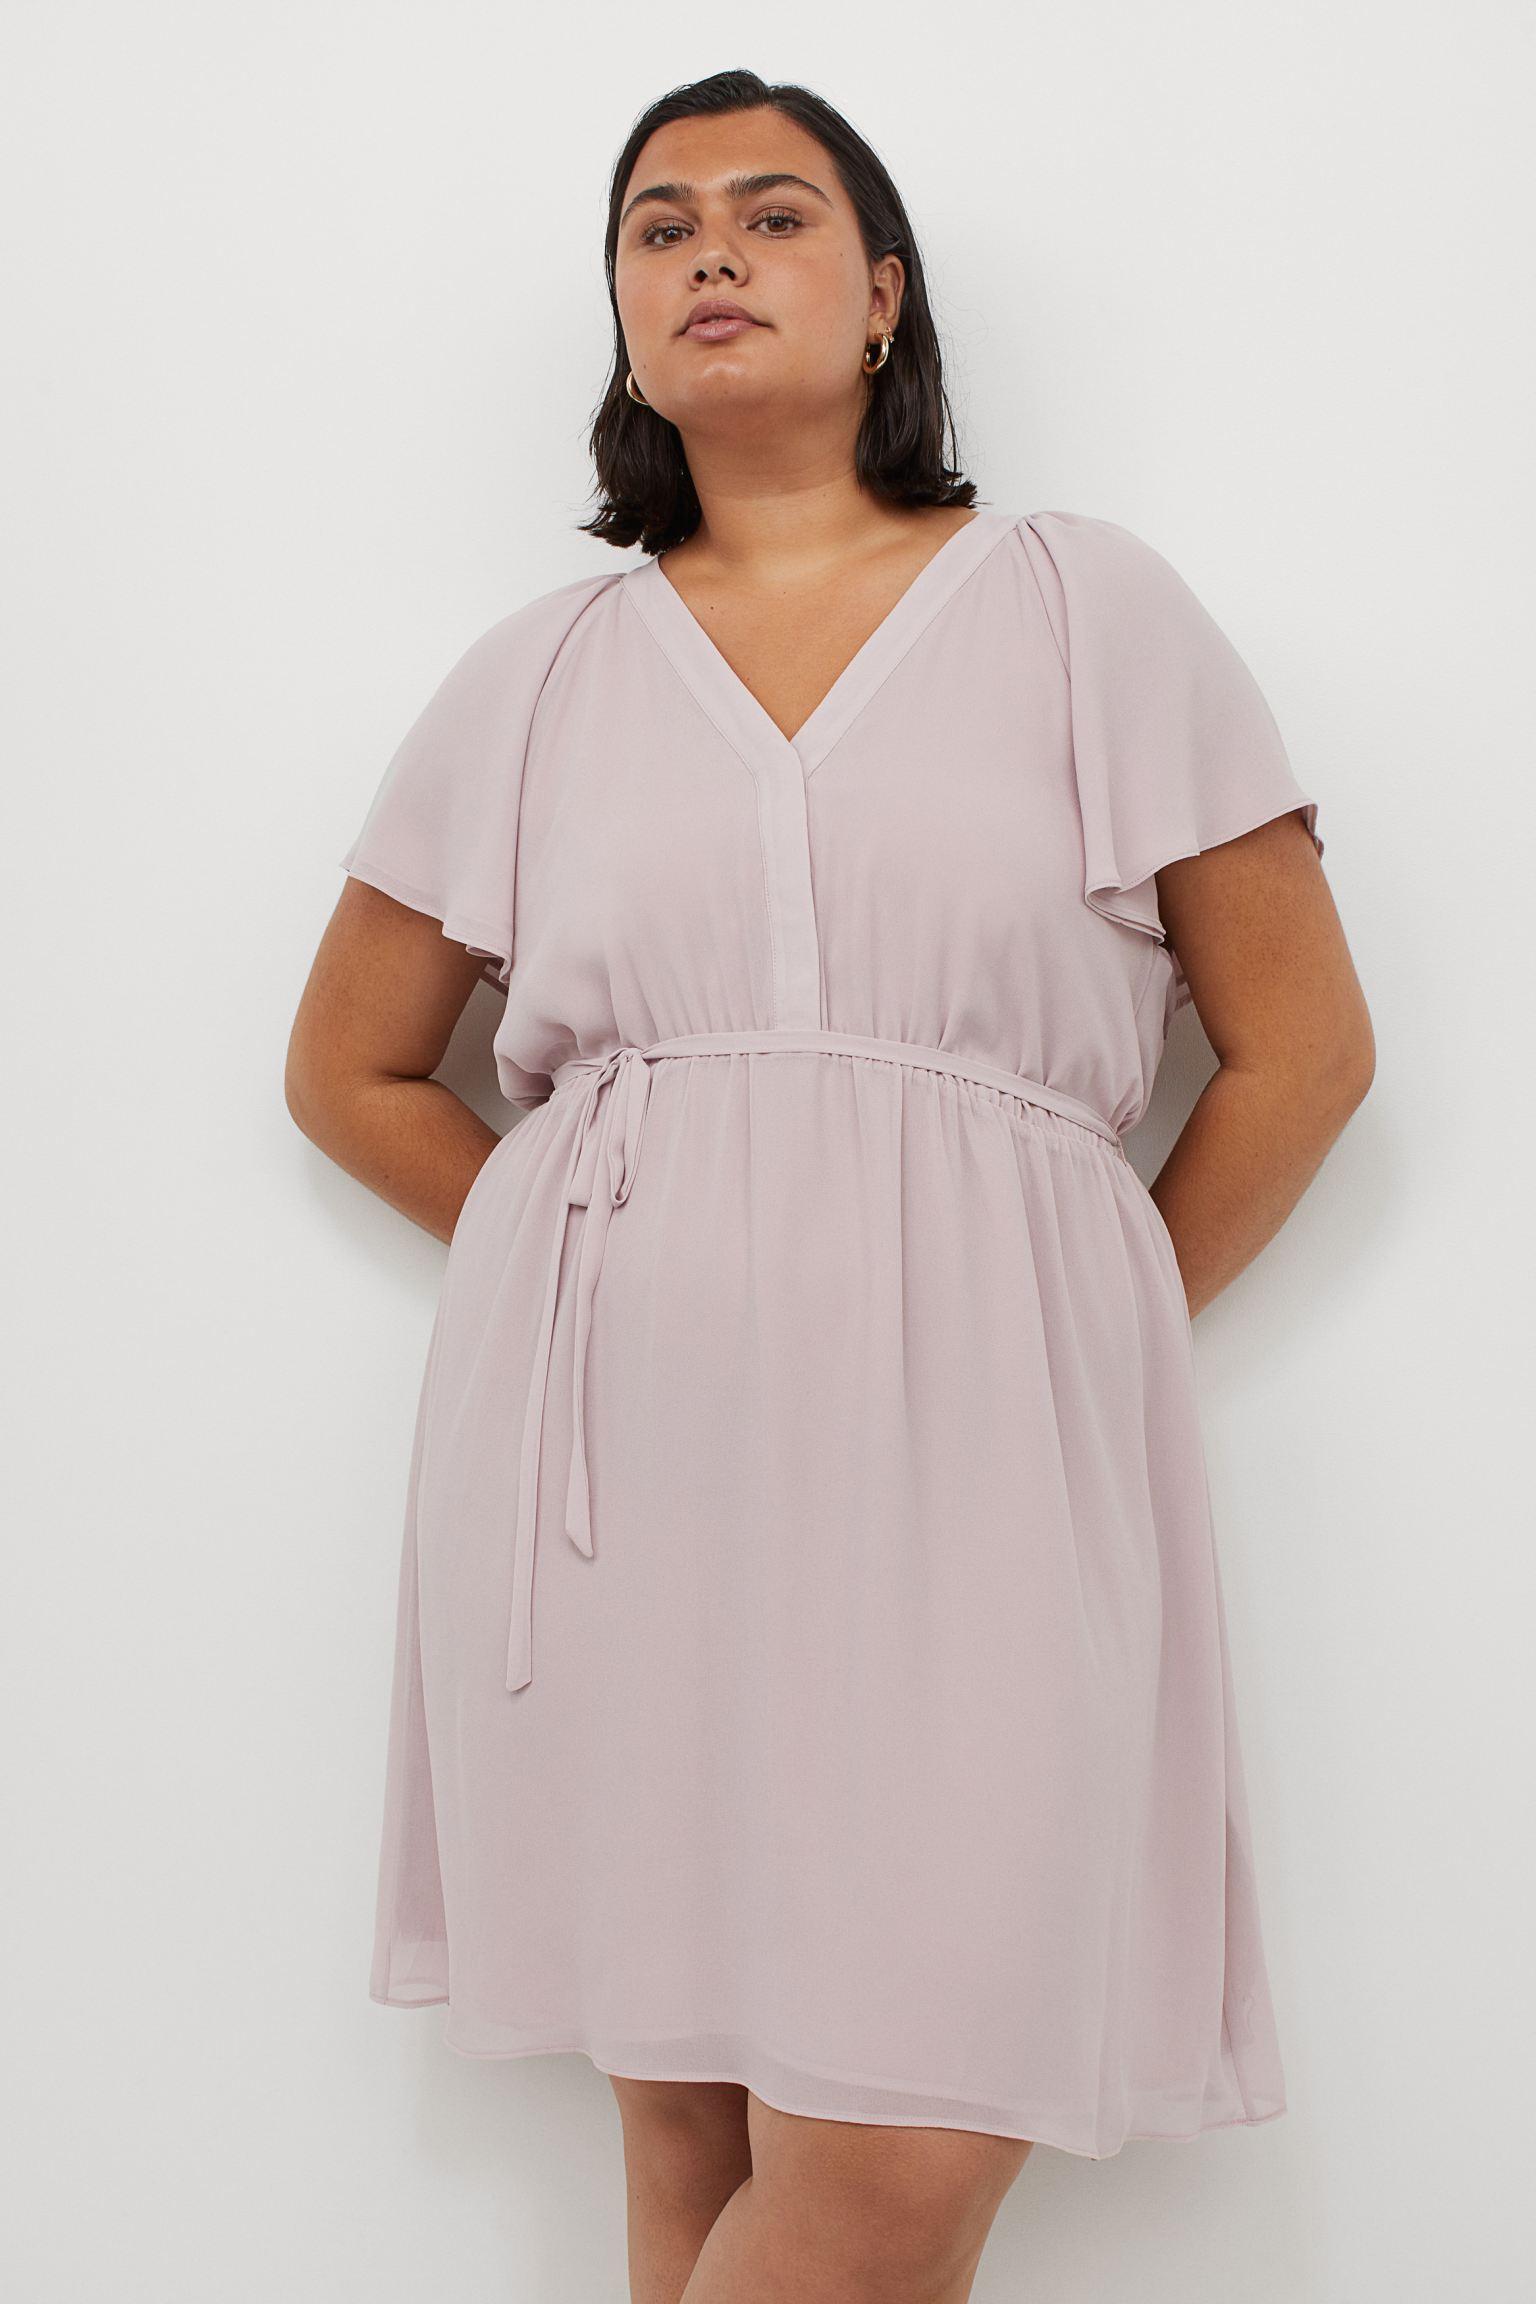 Vestido corto en tejido de crepé con escote de pico, manga circular doble que forma suaves pliegues en los hombros y costura elástica en la cintura con tiras de anudar finas en los laterales